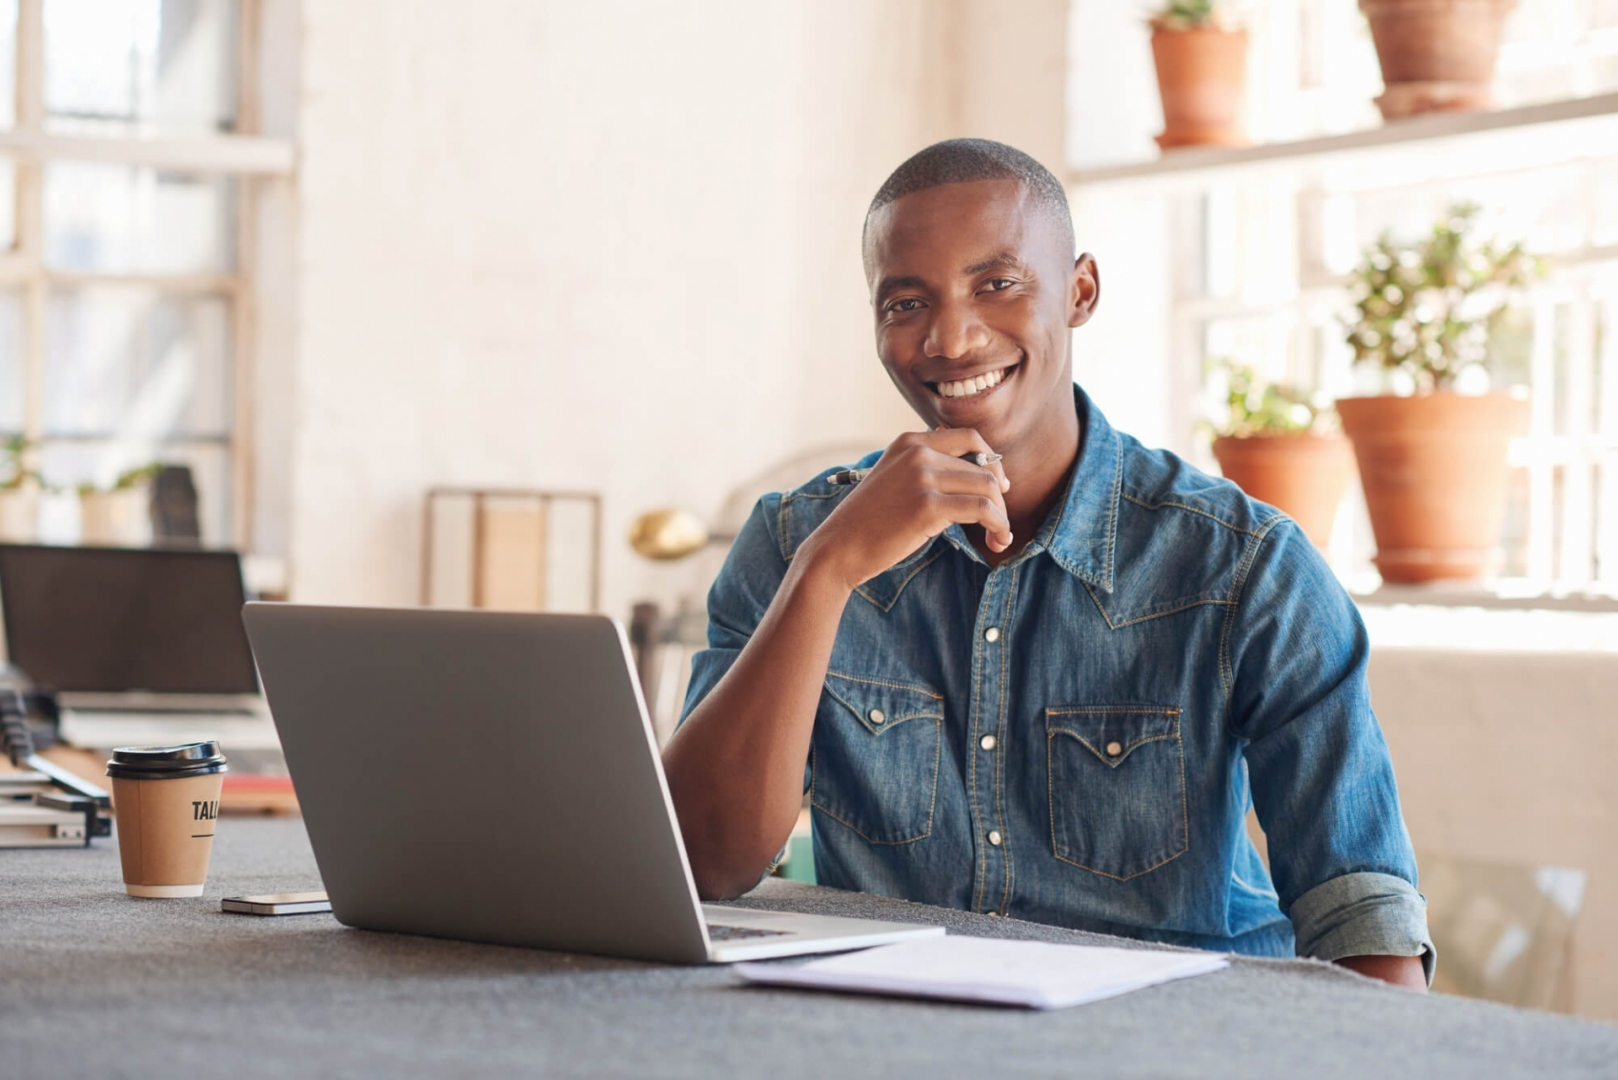 Qual a relação entre resiliência e o perfil empreendedor?